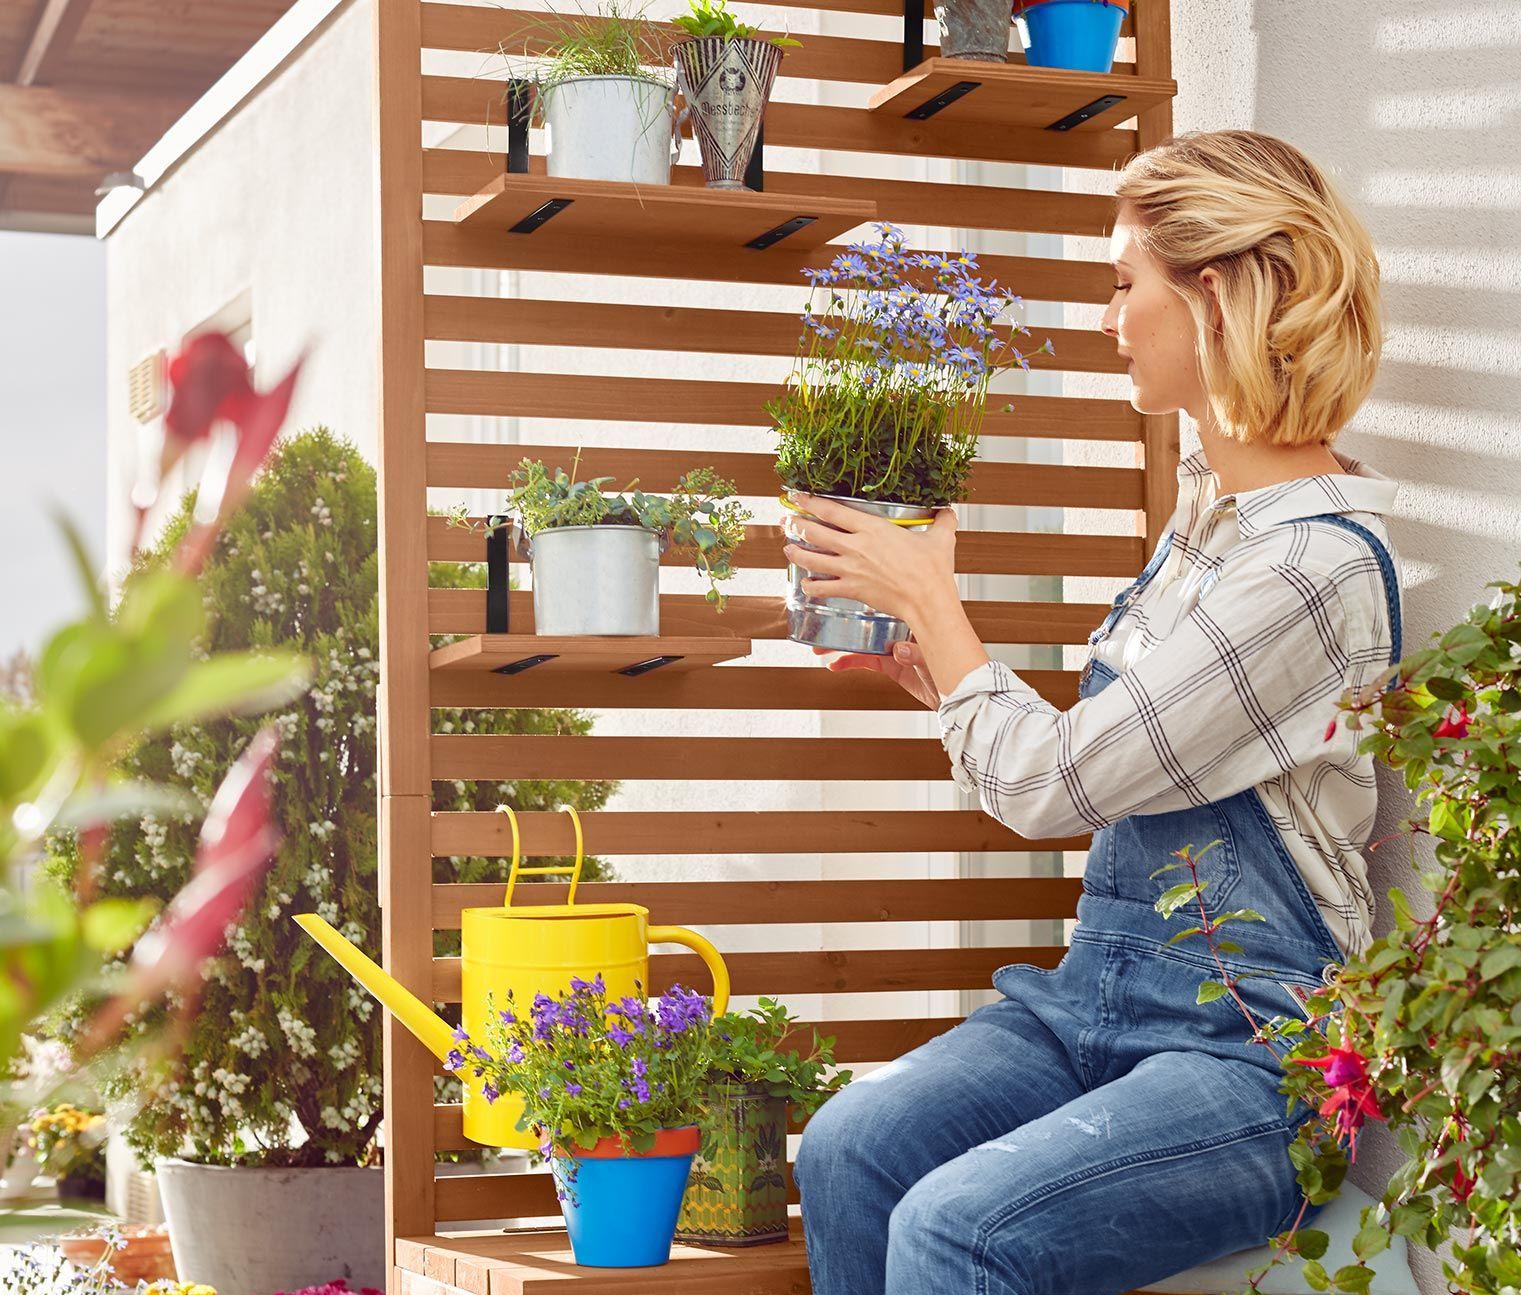 BalkonSichtschutzbank Indoorpflanzen dekor, Ikea